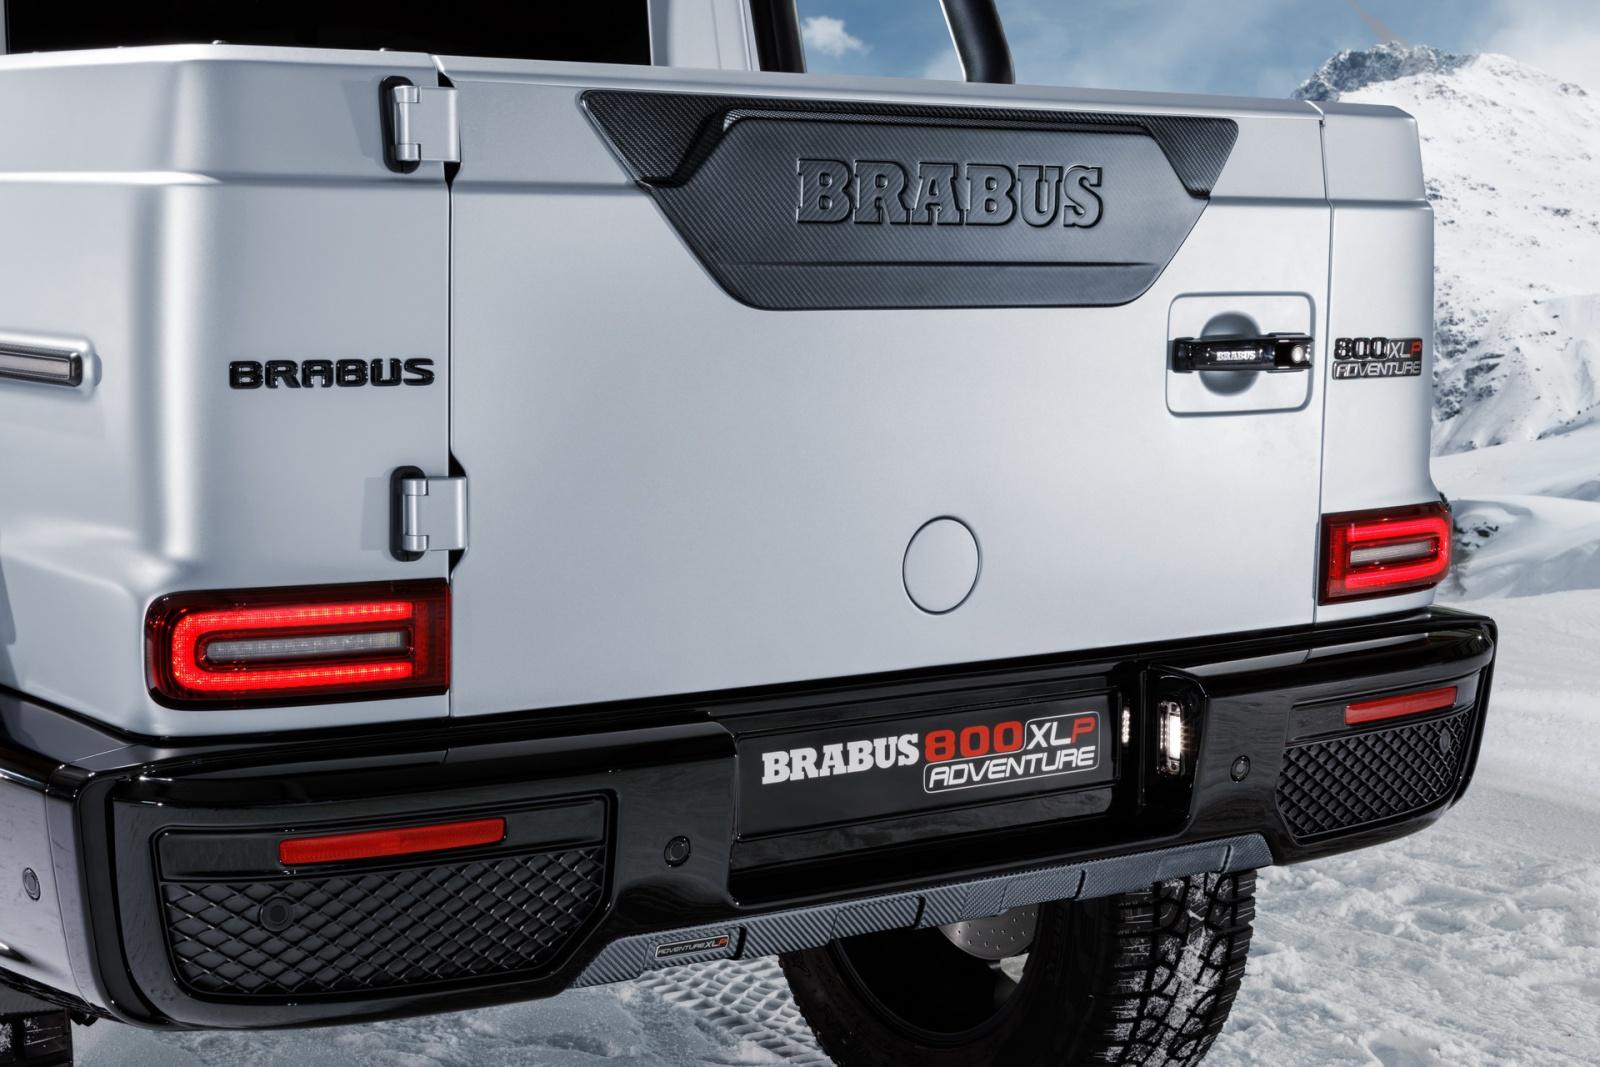 Название: Brabus-800-Adventure-XLP-12.jpg Просмотров: 655  Размер: 453.3 Кб